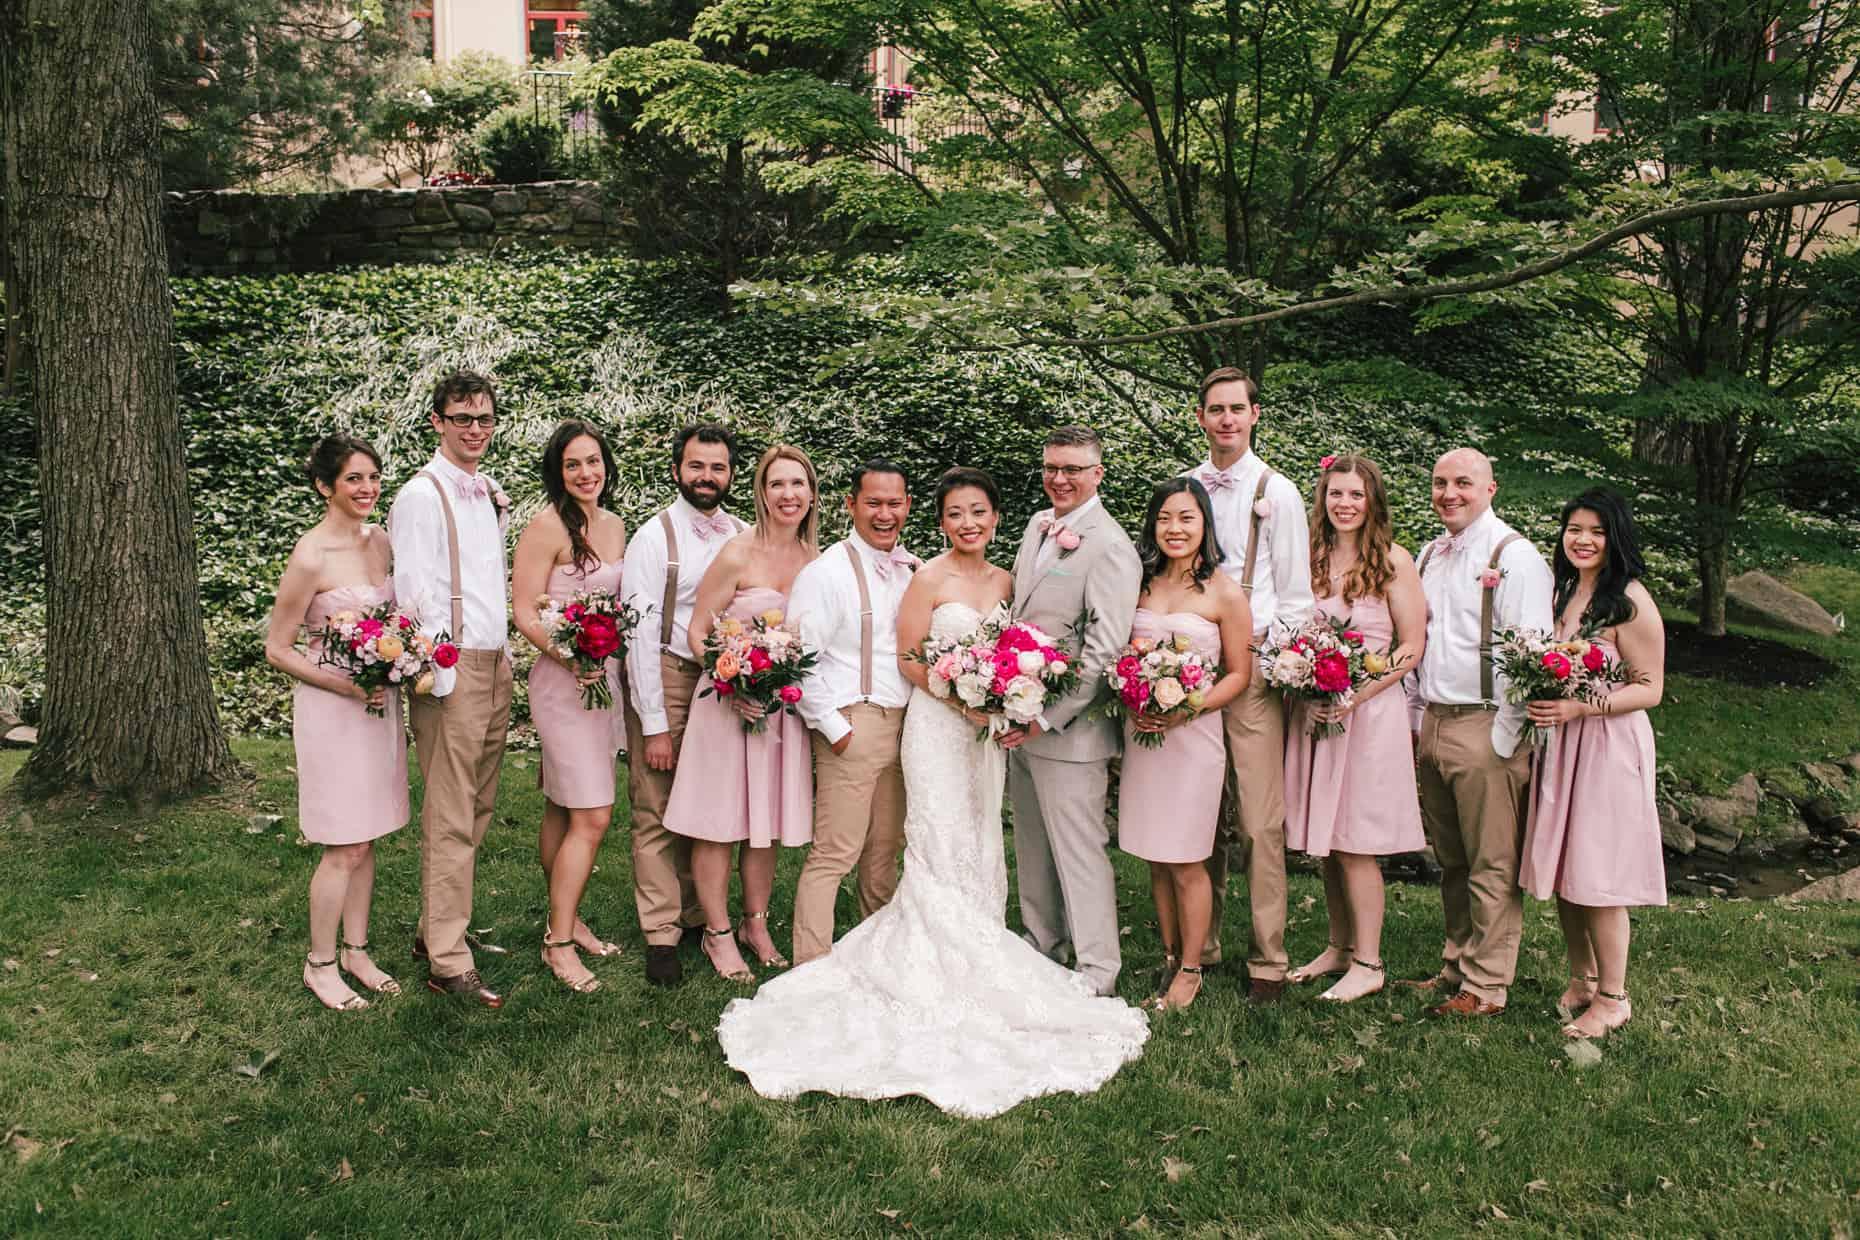 Radnor Wedding Bridal Party